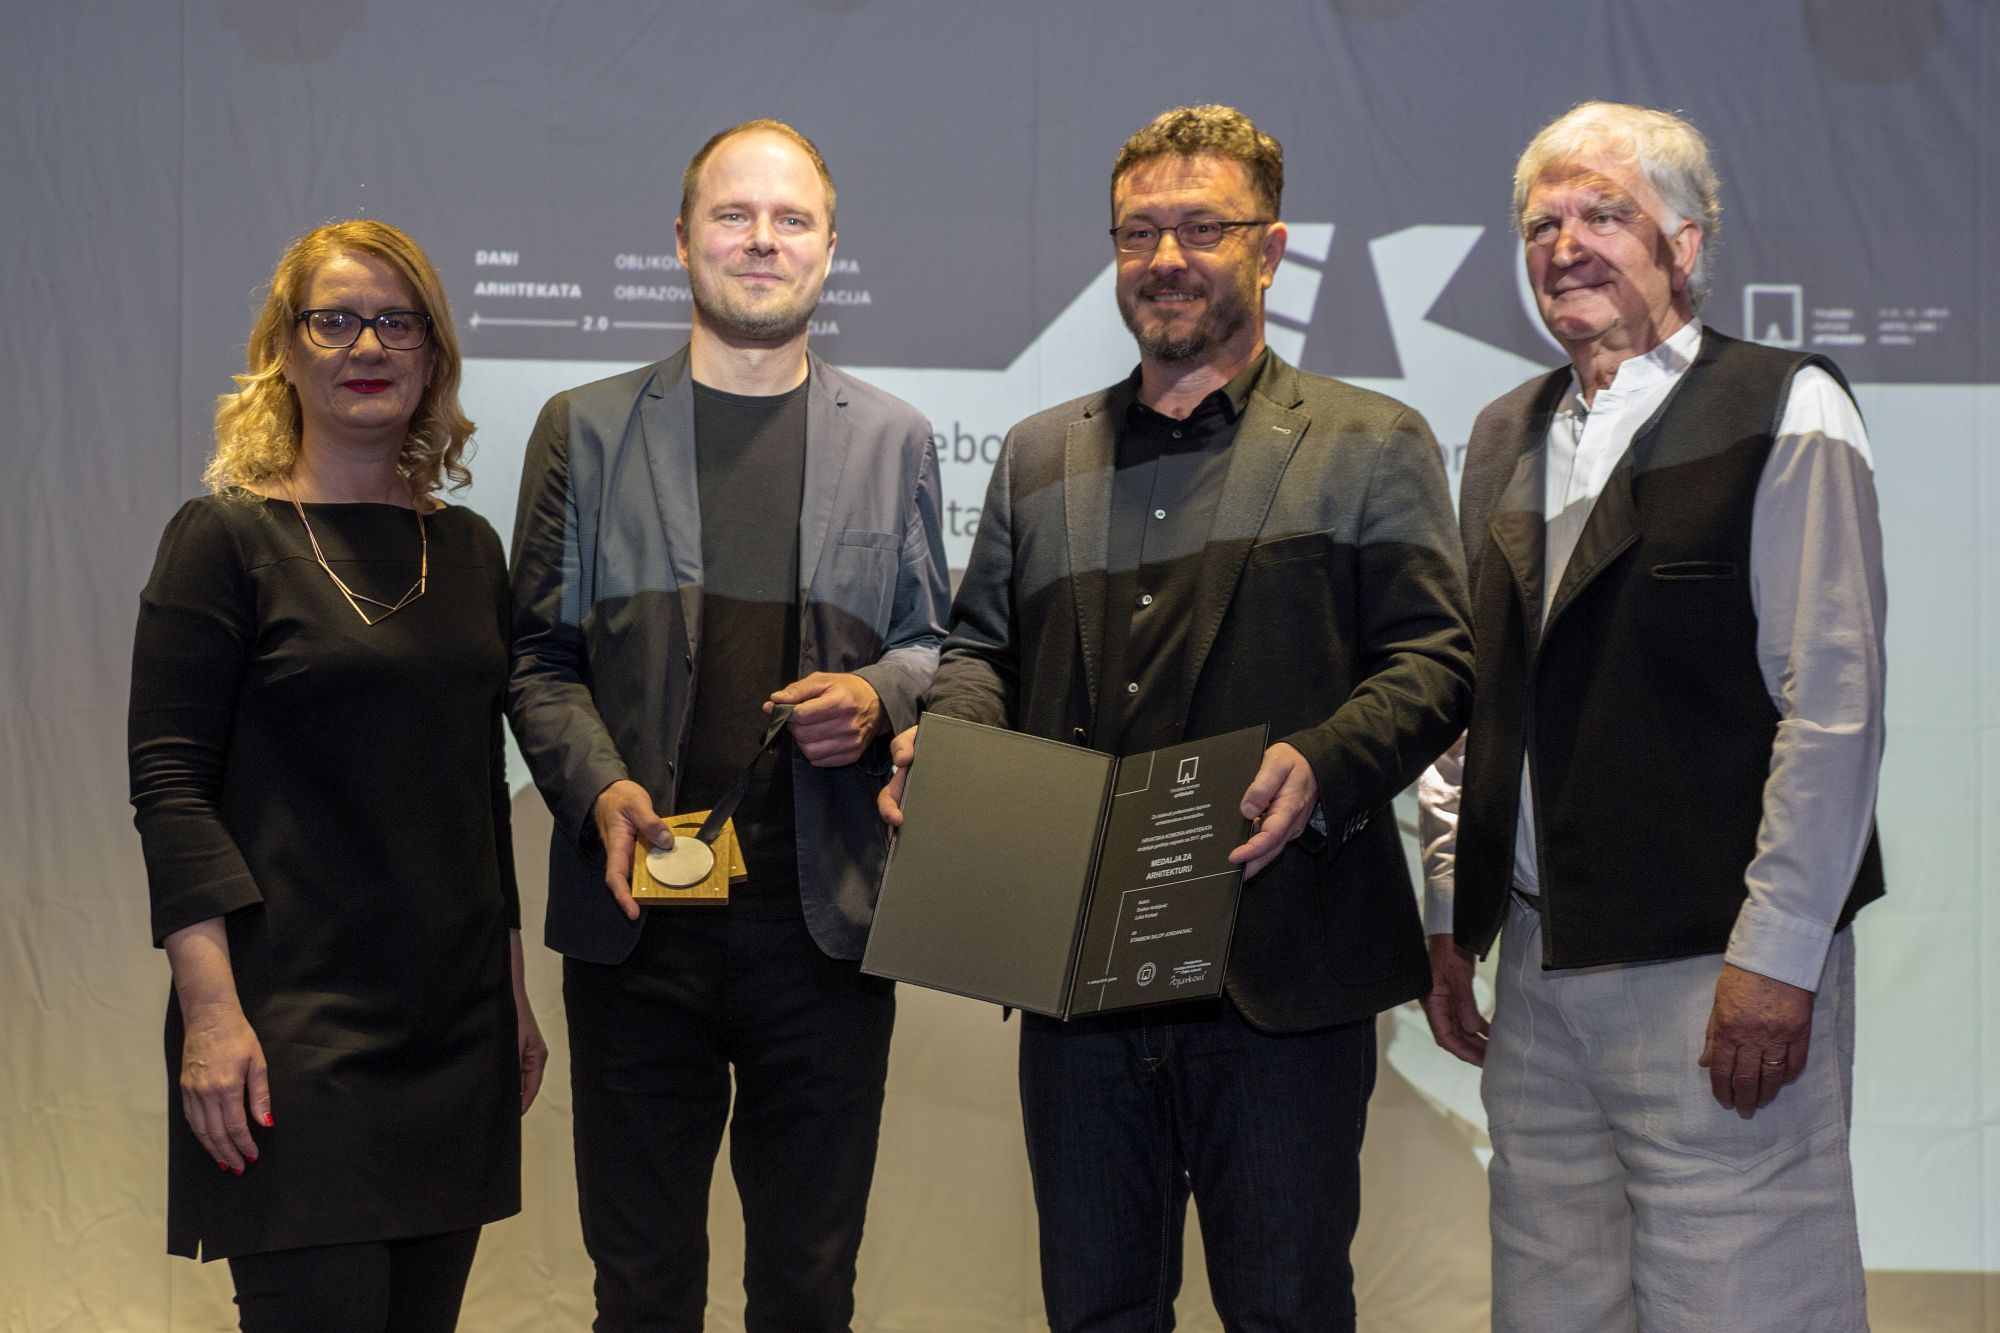 Medalja za arhitekturu - Luka Korlaet, Svebor Andrijević